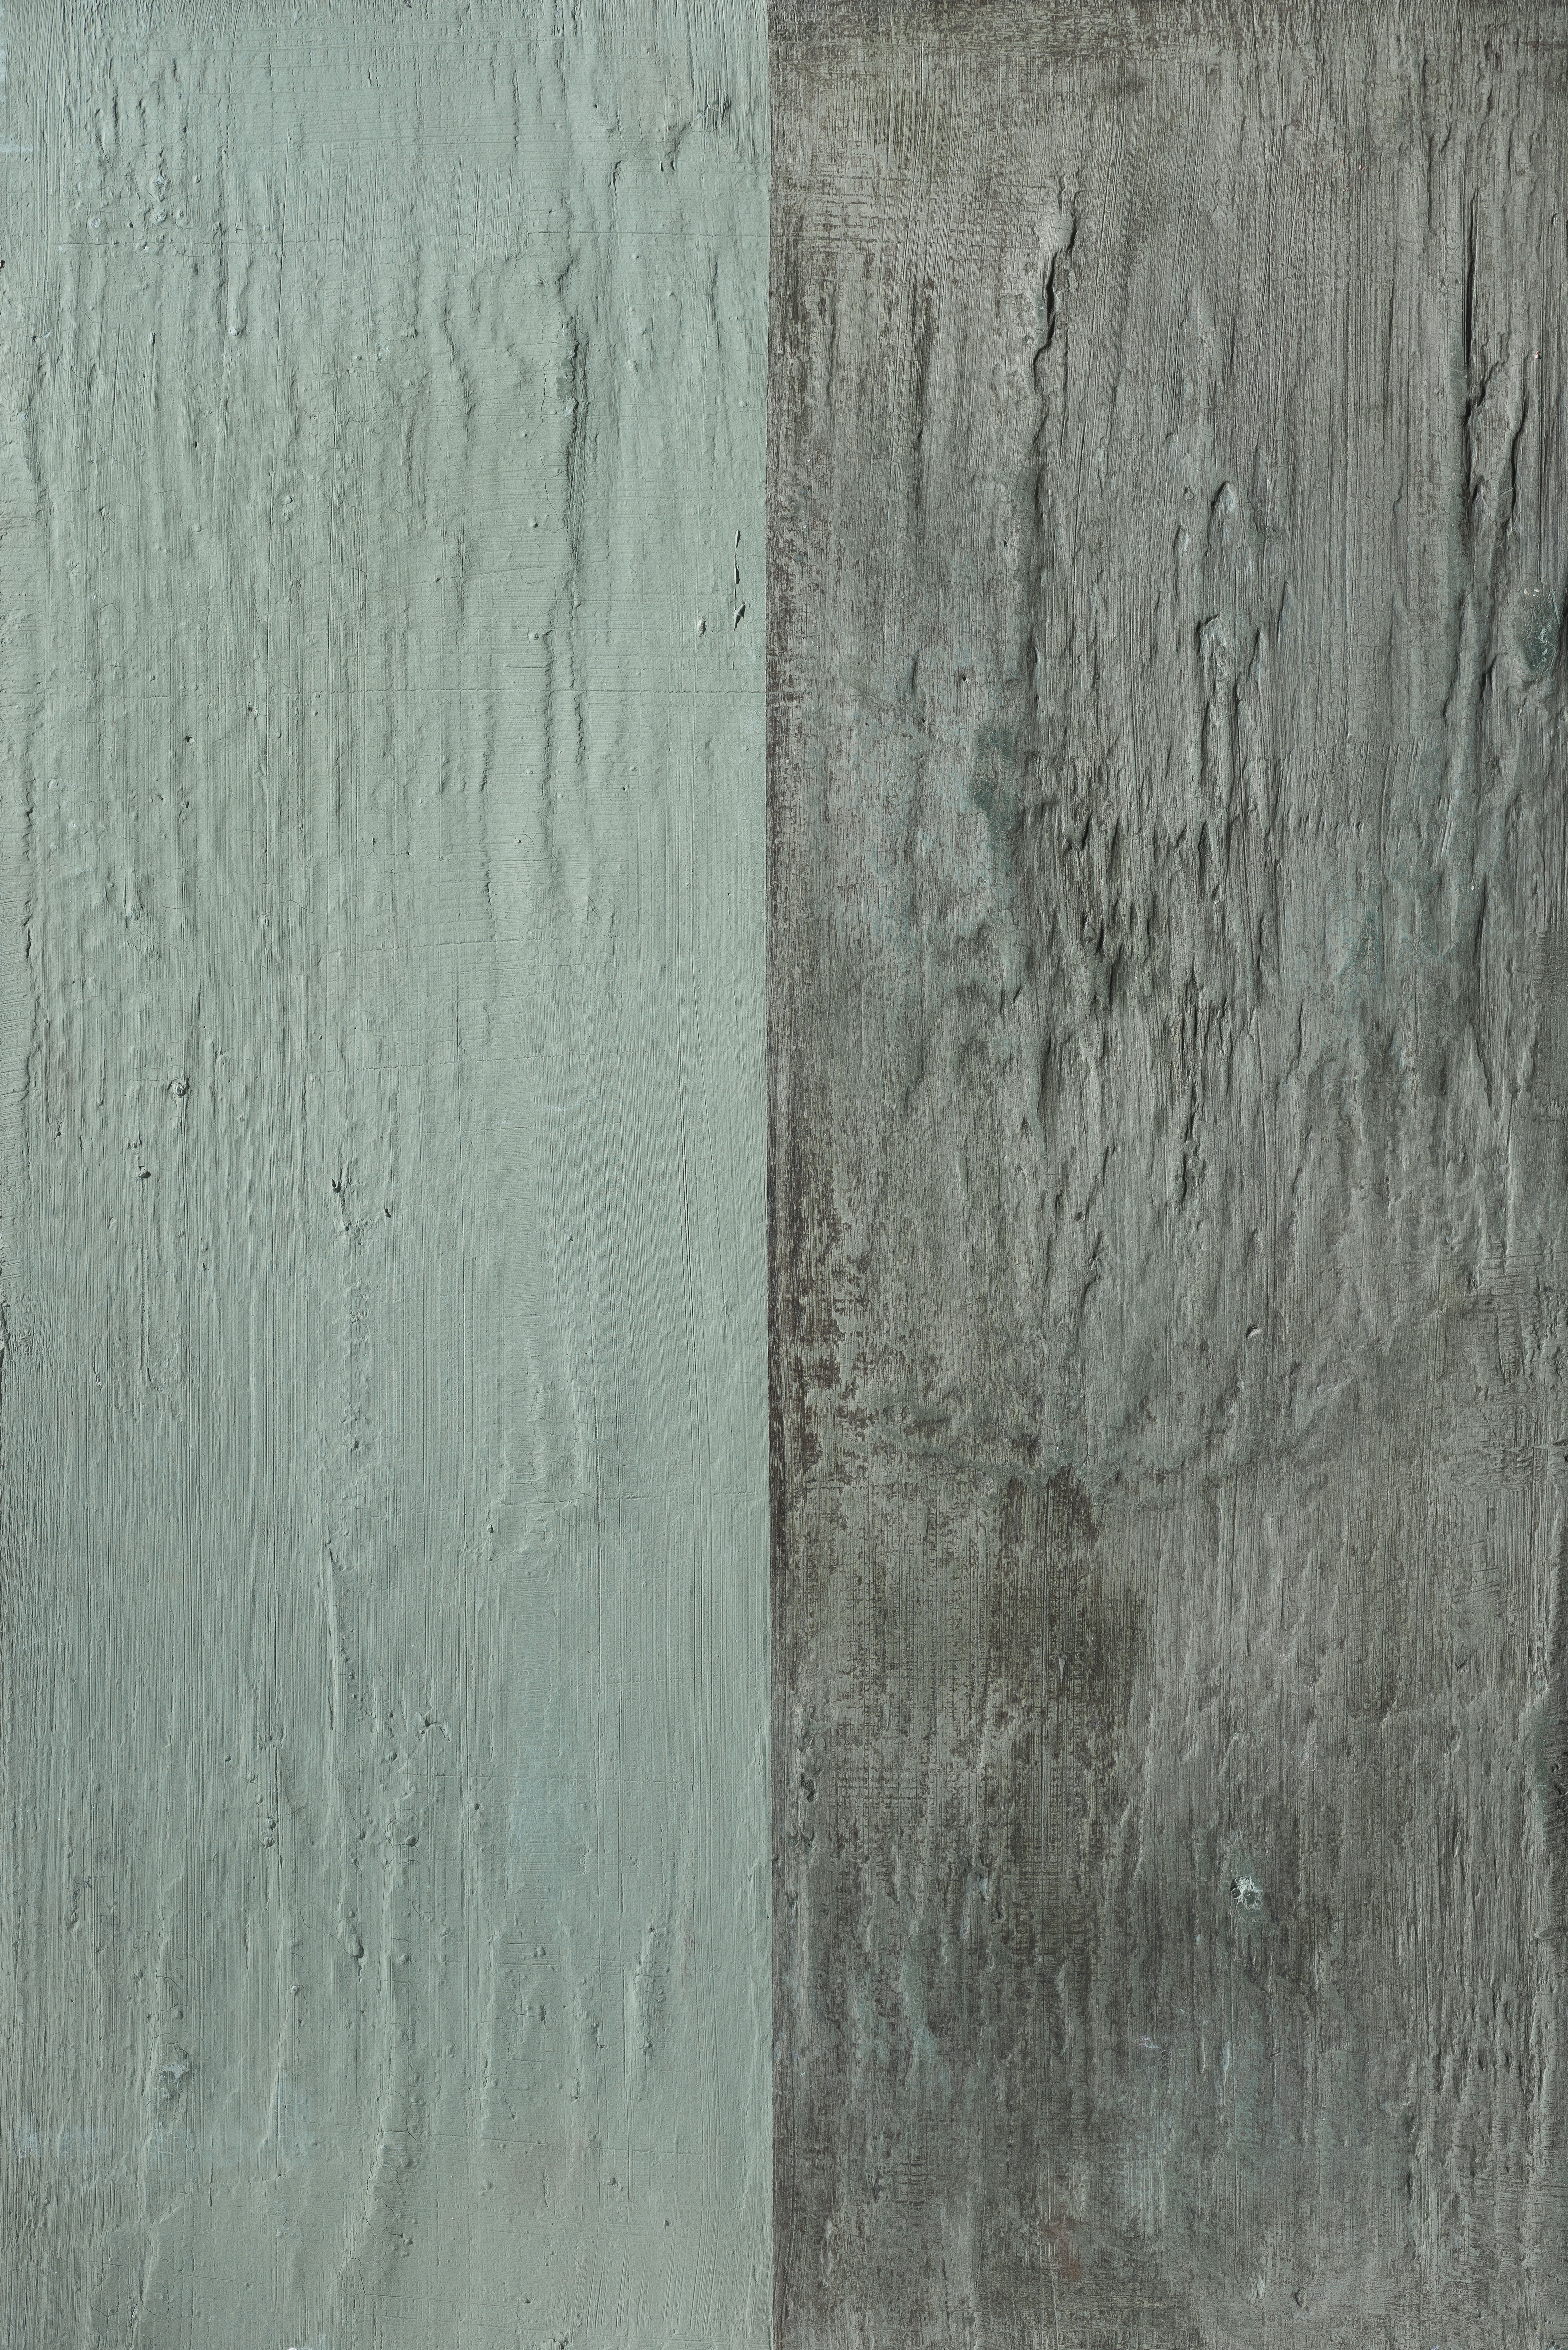 Bleu bark